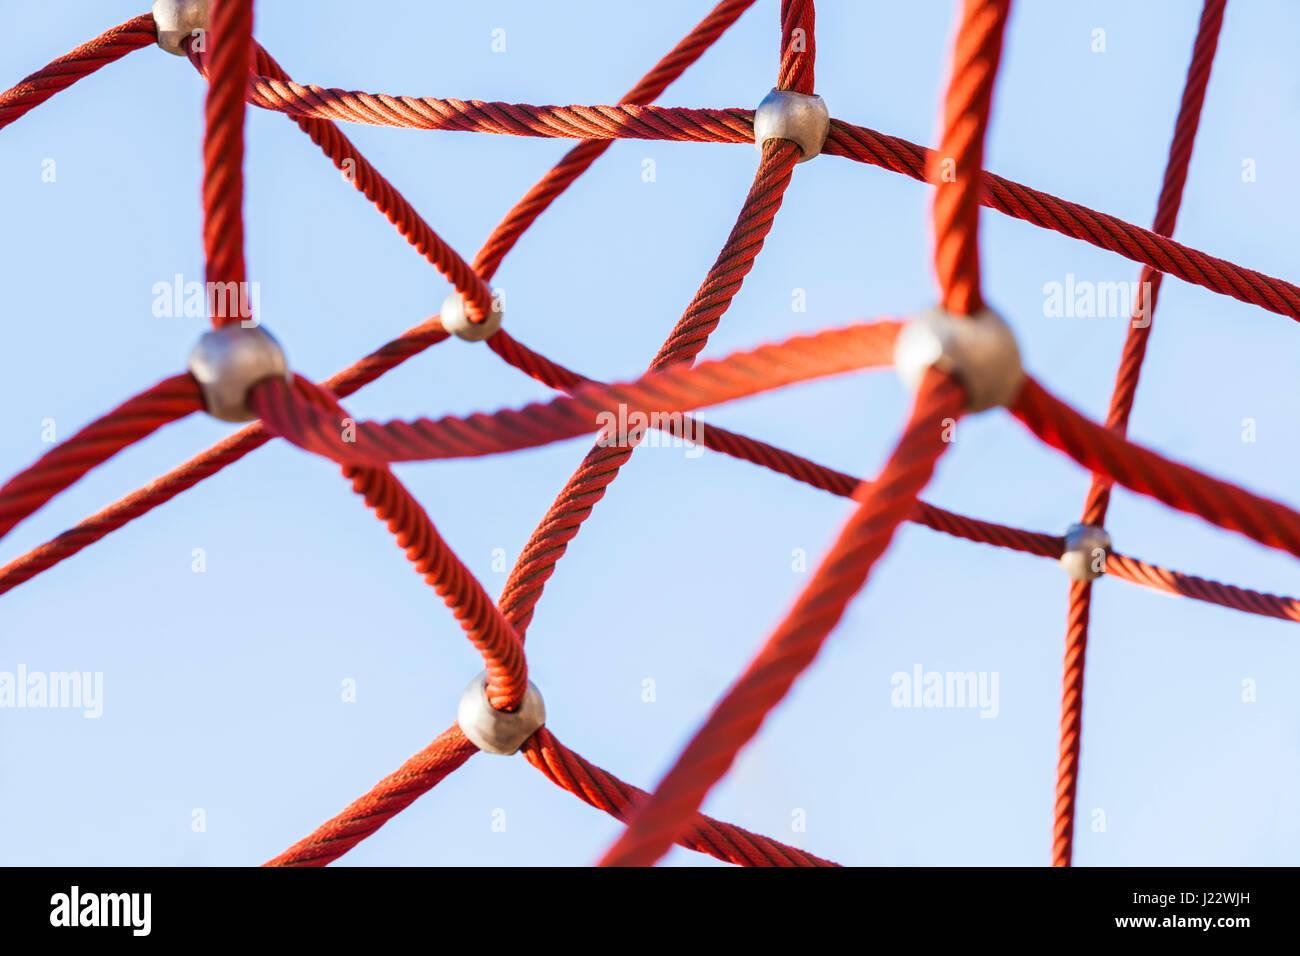 Deutschland, Spielplatz, Kletternetz für Kinder, Netzwerk, Vernetzung, Verbindung, Kommunikation, Seil, Kletterseil, - Stock Image